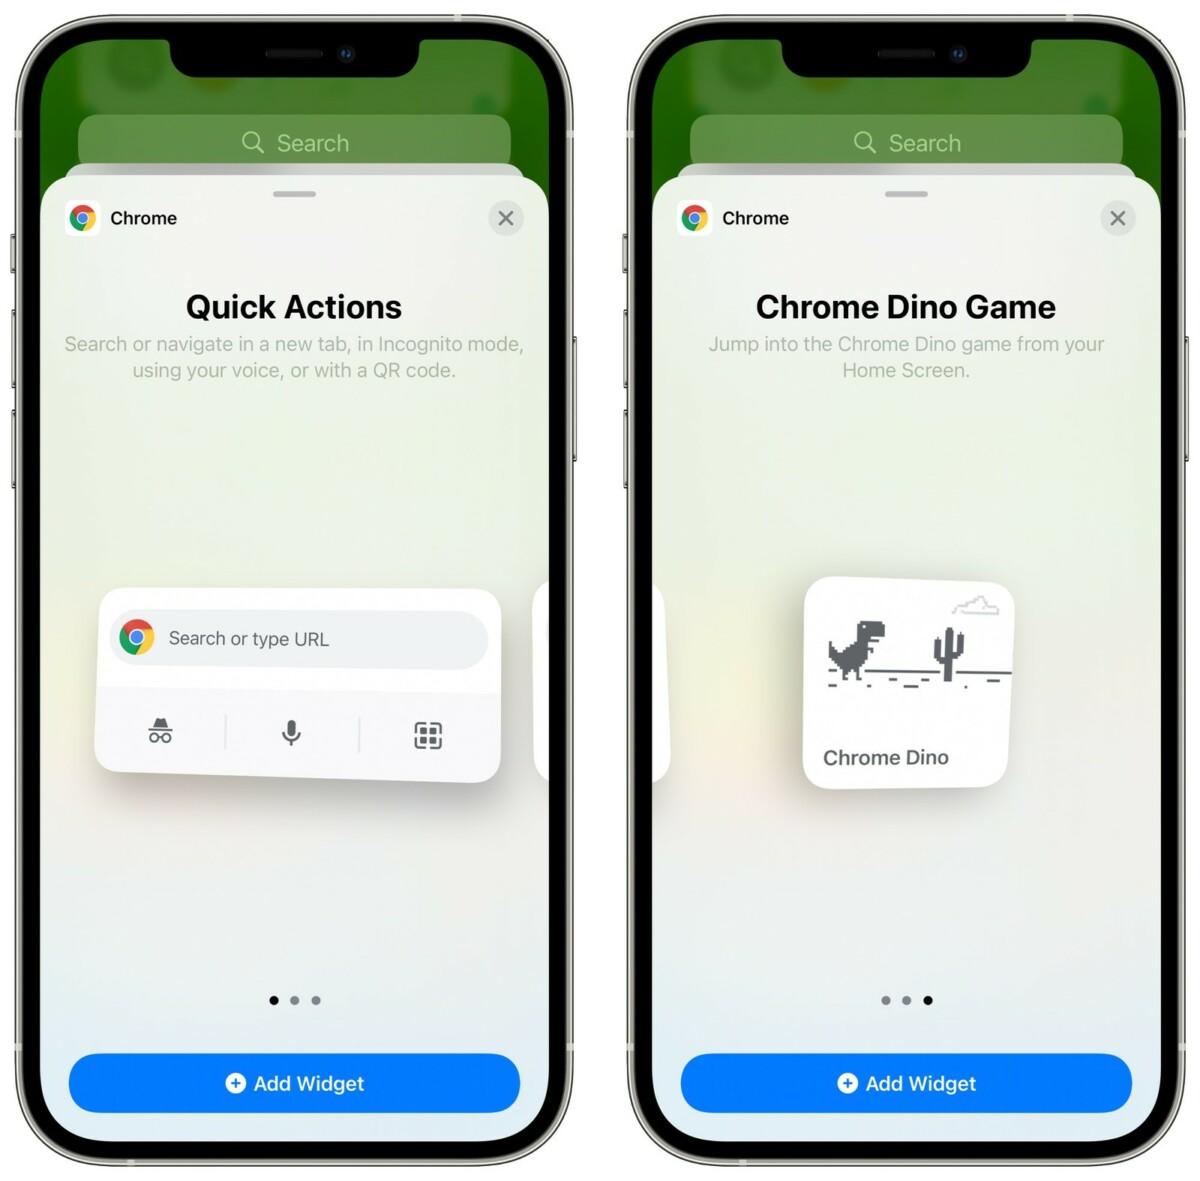 Un raccourci vers le jeu du Dino de Chrome existe déjà sur iOS